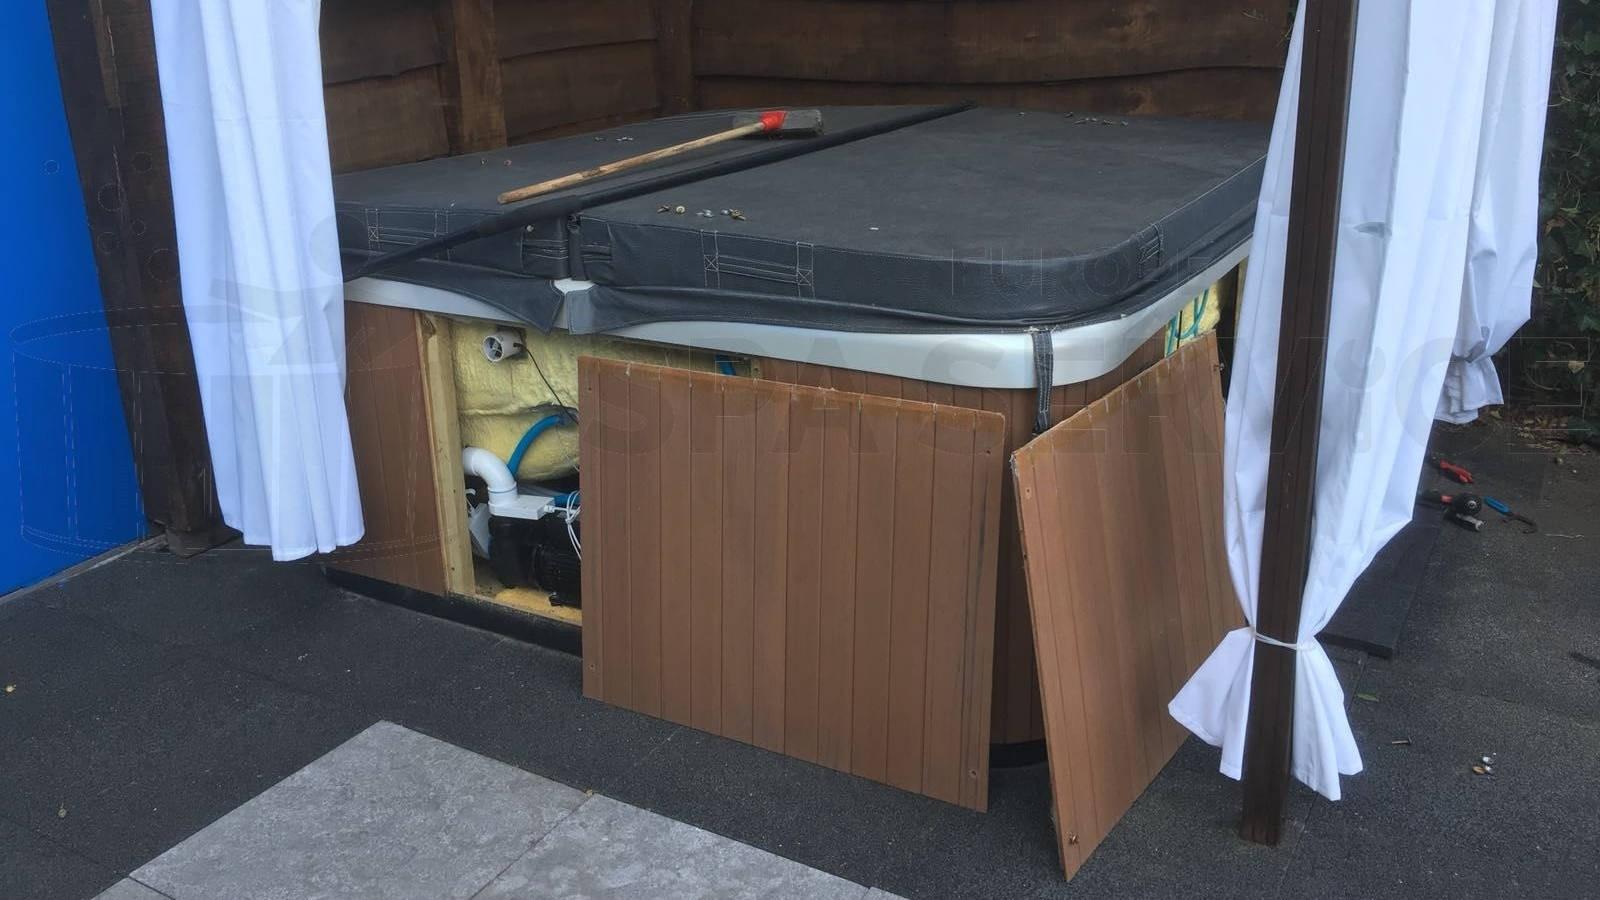 Reparatie circulatiepomp van een spa in Lisserbroek